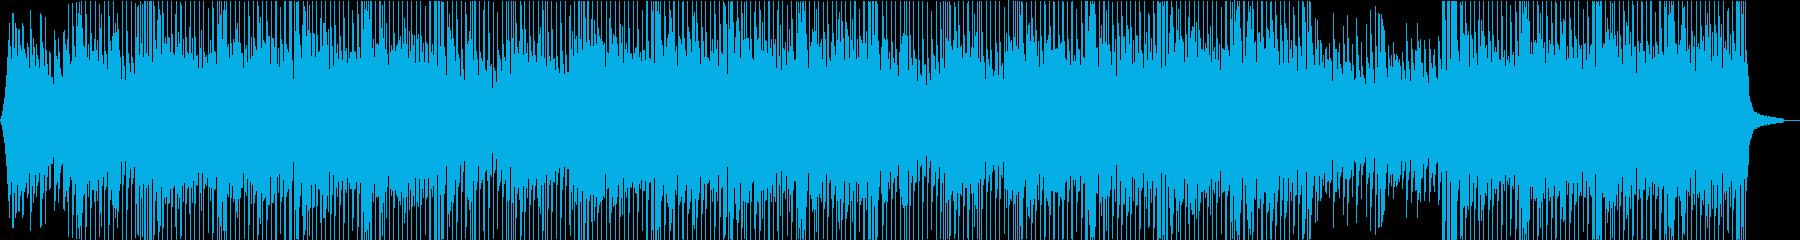 さわやか・ウキウキした気分・ピアノの再生済みの波形